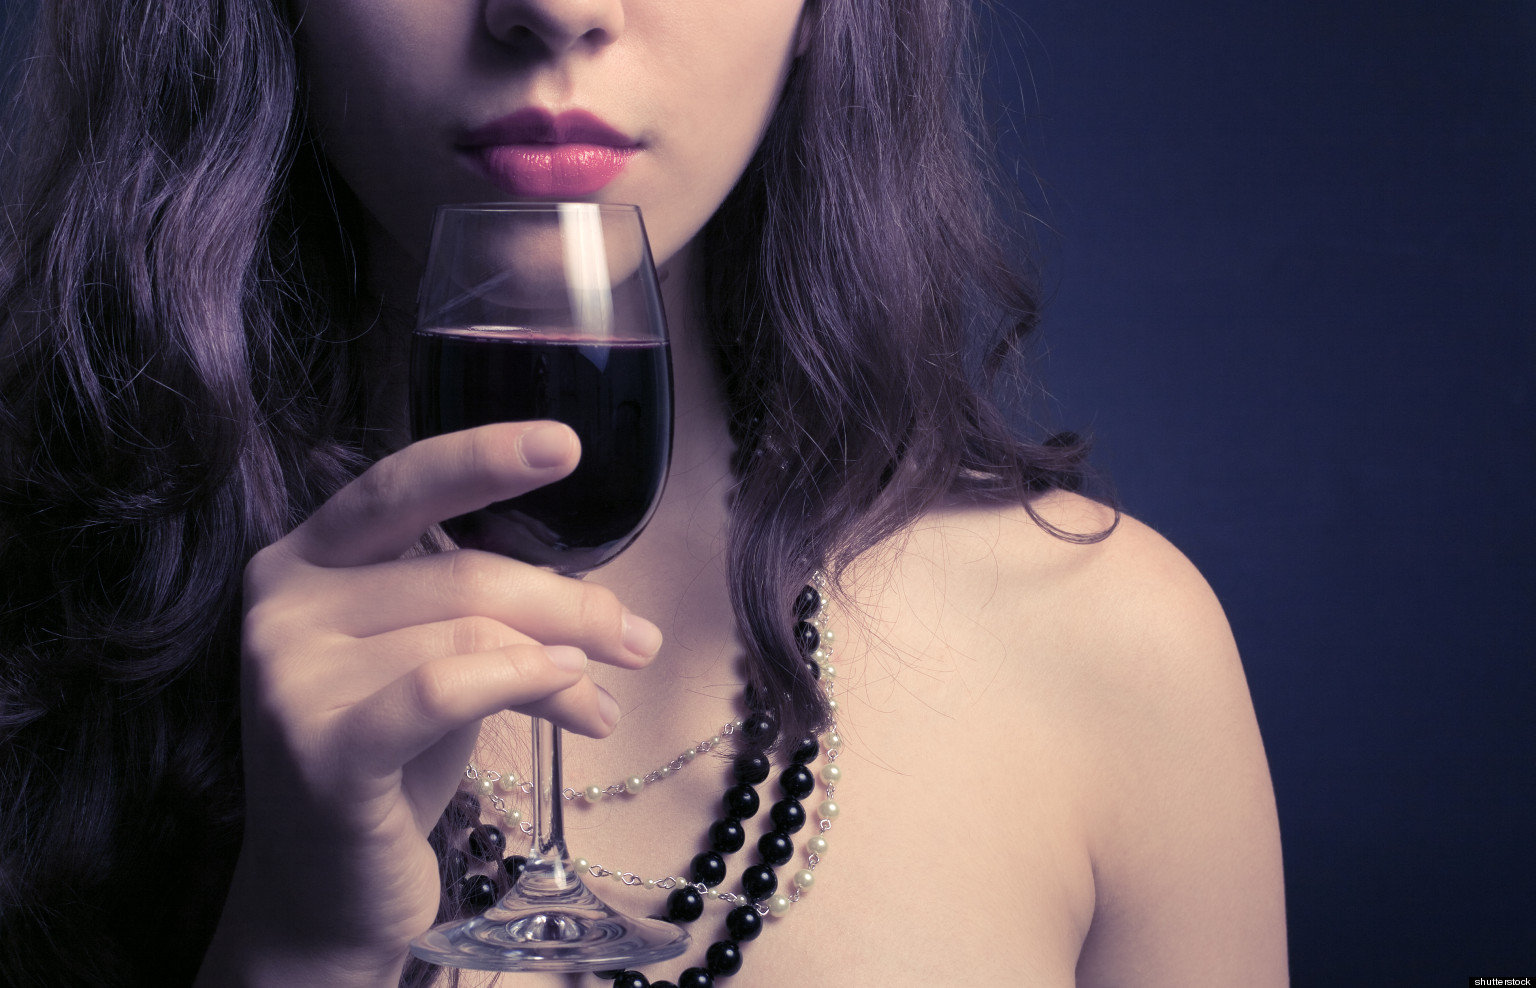 Сборка выпивших стервозных женщин  265381